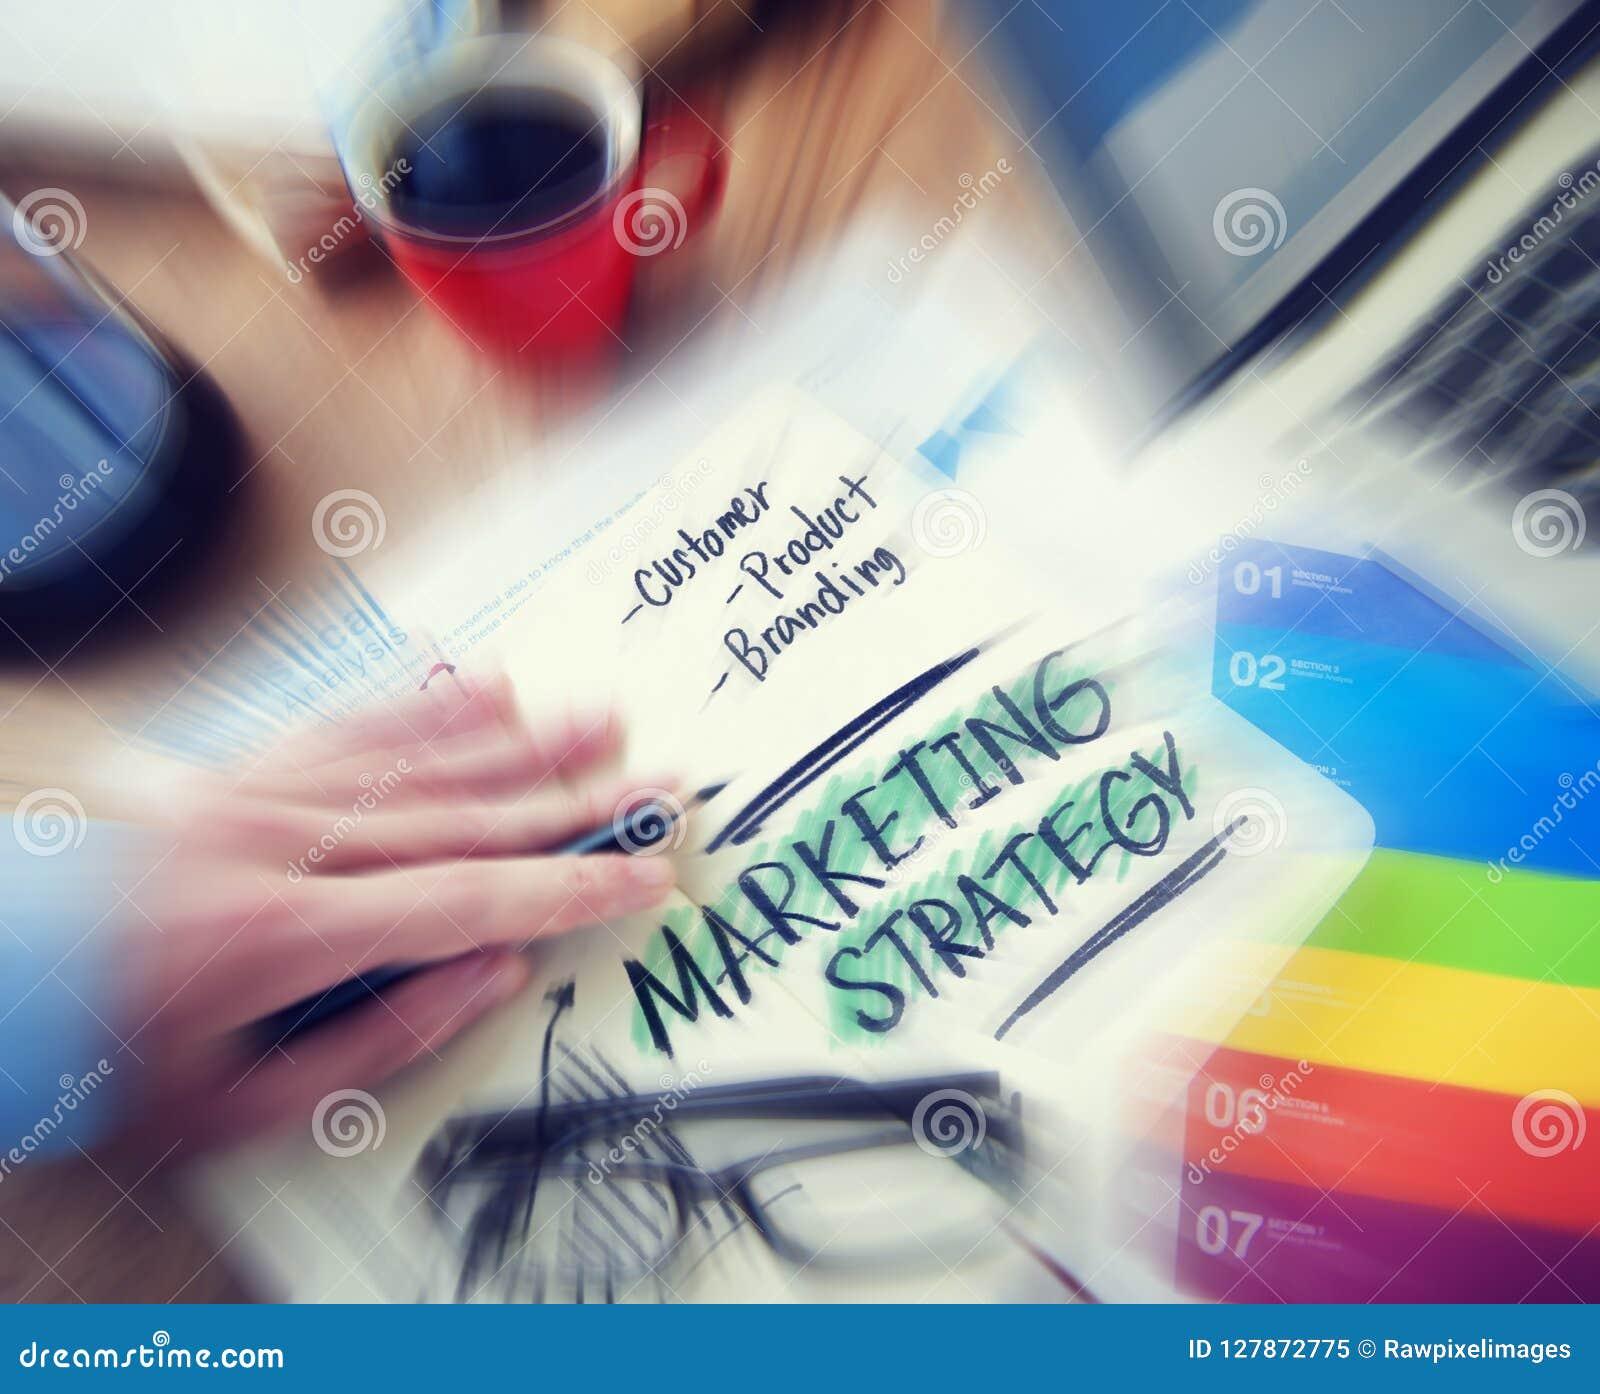 Маркетинговой стратегии клиента продукта клеймить концепция